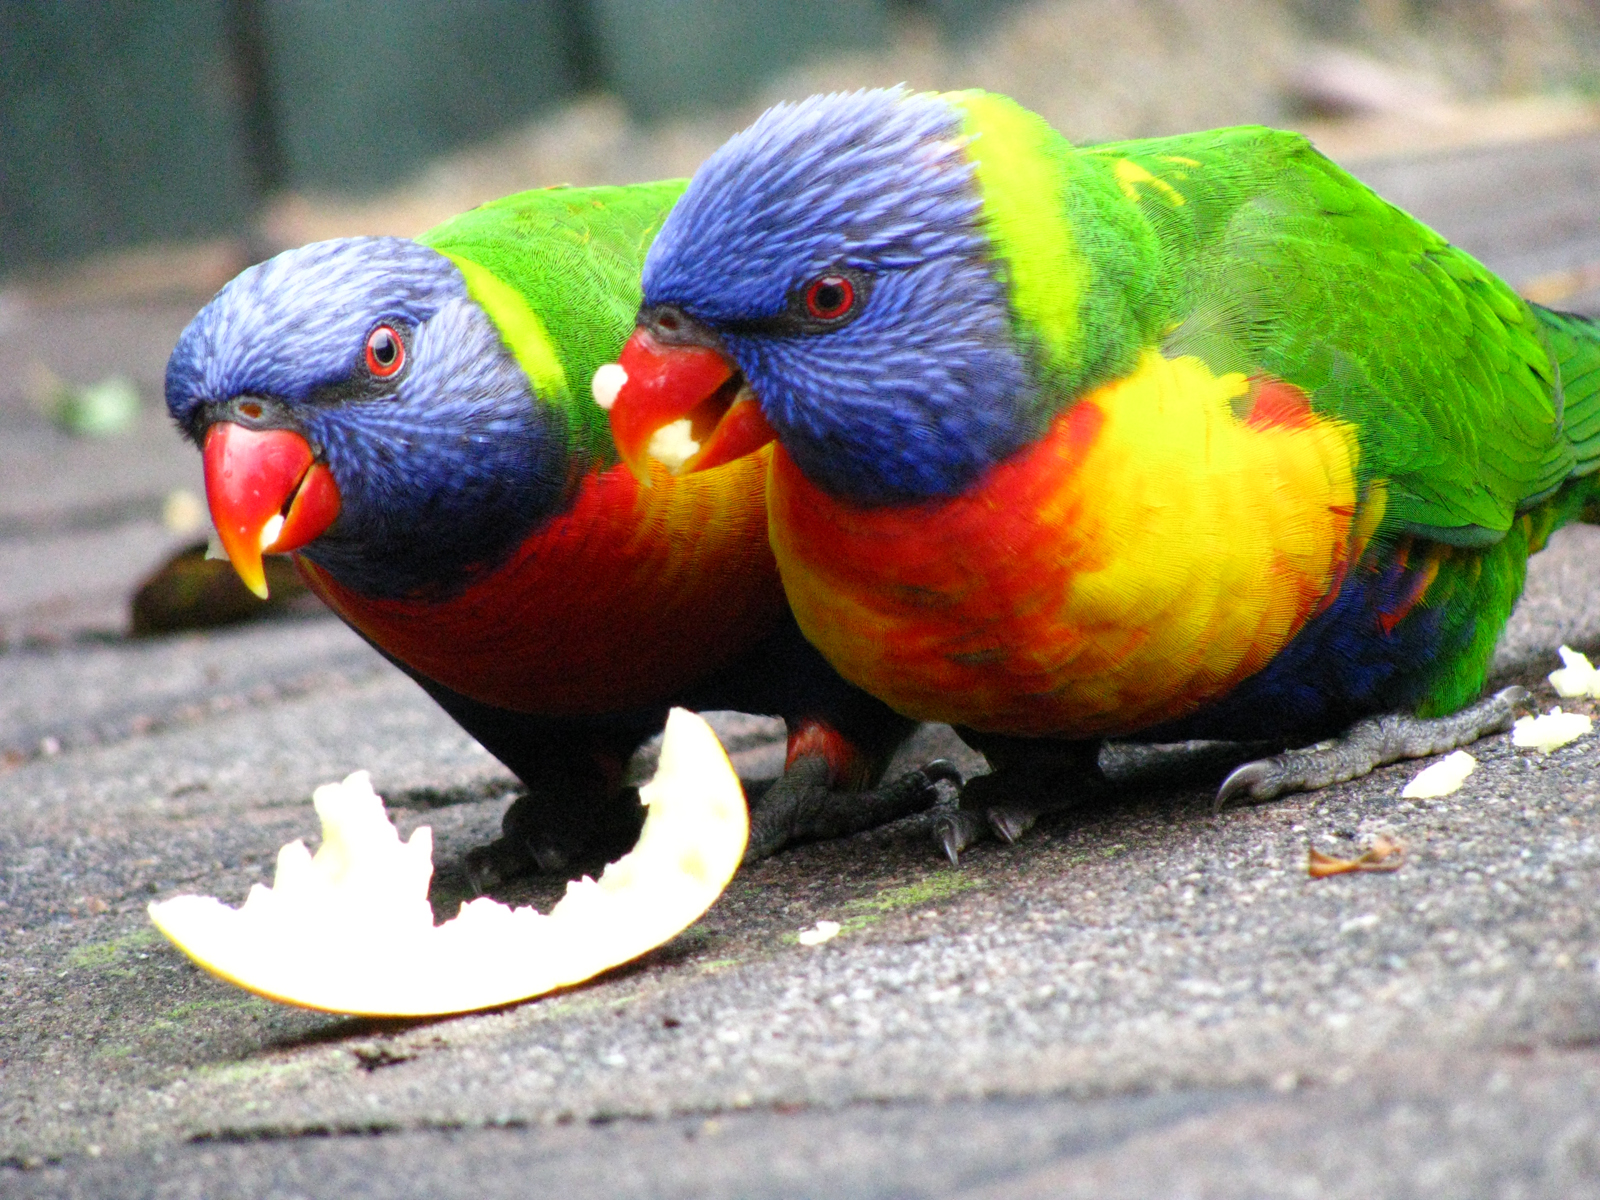 Parrots eating an apple, Apple, Australian, Birds, Colors, HQ Photo